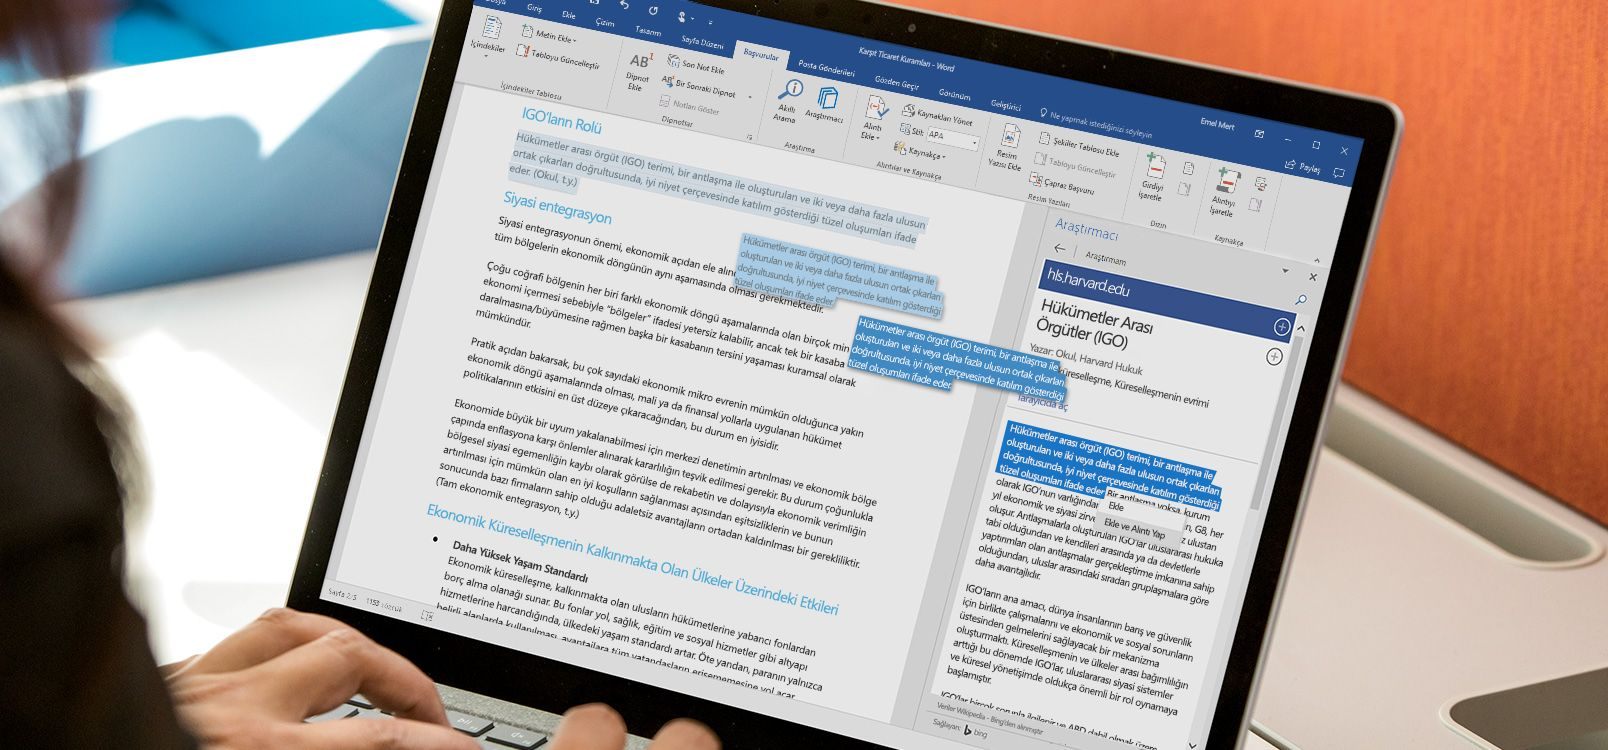 Araştırmacı özelliğini kullanan bir Word belgesini gösteren dizüstü bilgisayar ekranı